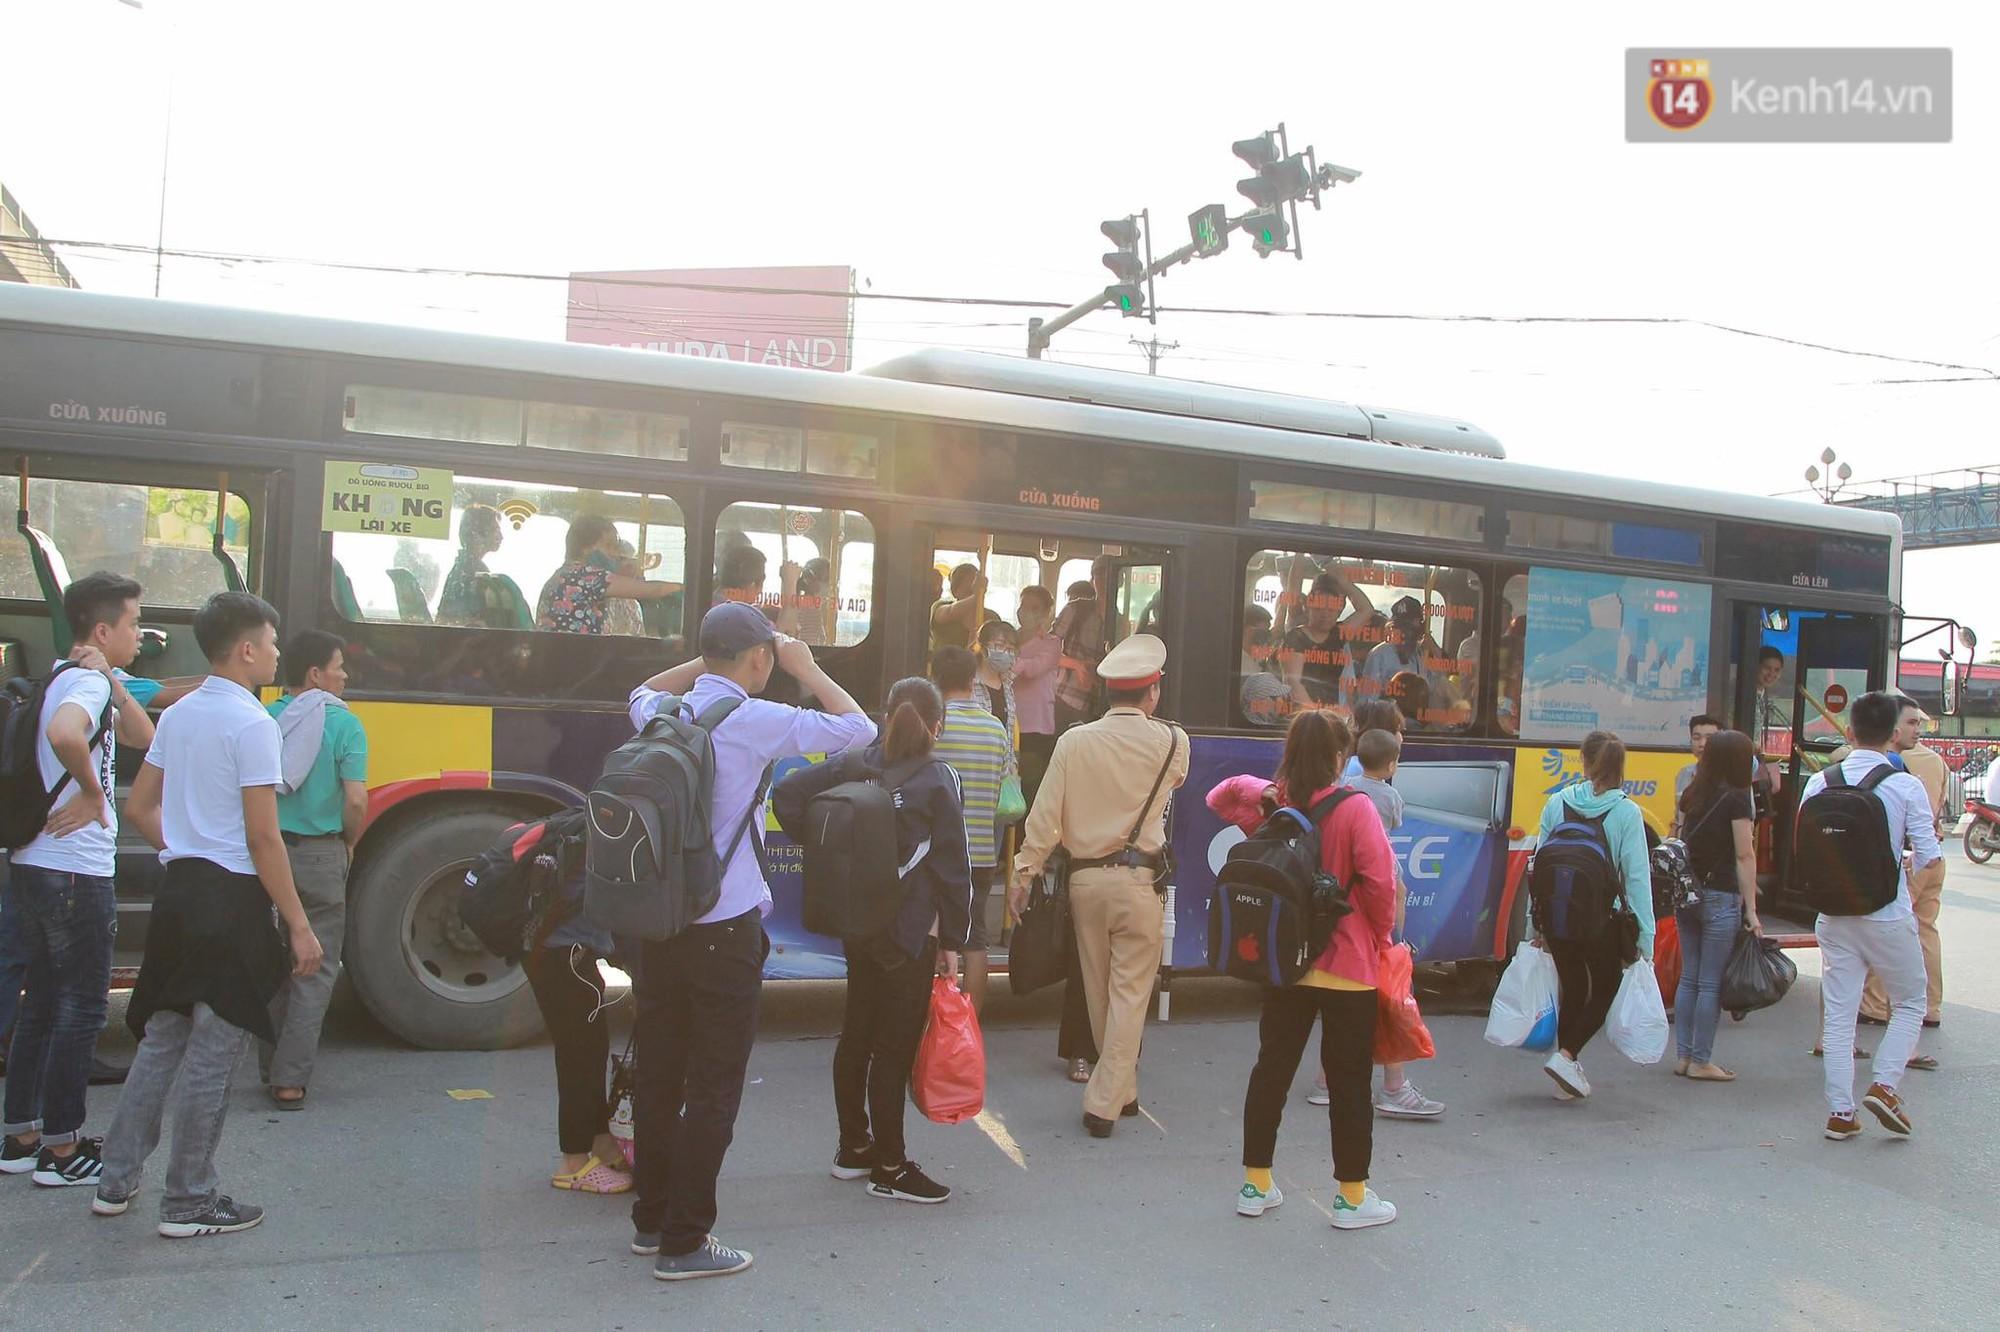 Chùm ảnh: Người dân lỉnh kỉnh đồ đạc, đưa theo con nhỏ trở lại thành phố sau kỳ nghỉ lễ dưới cái nóng oi bức 8